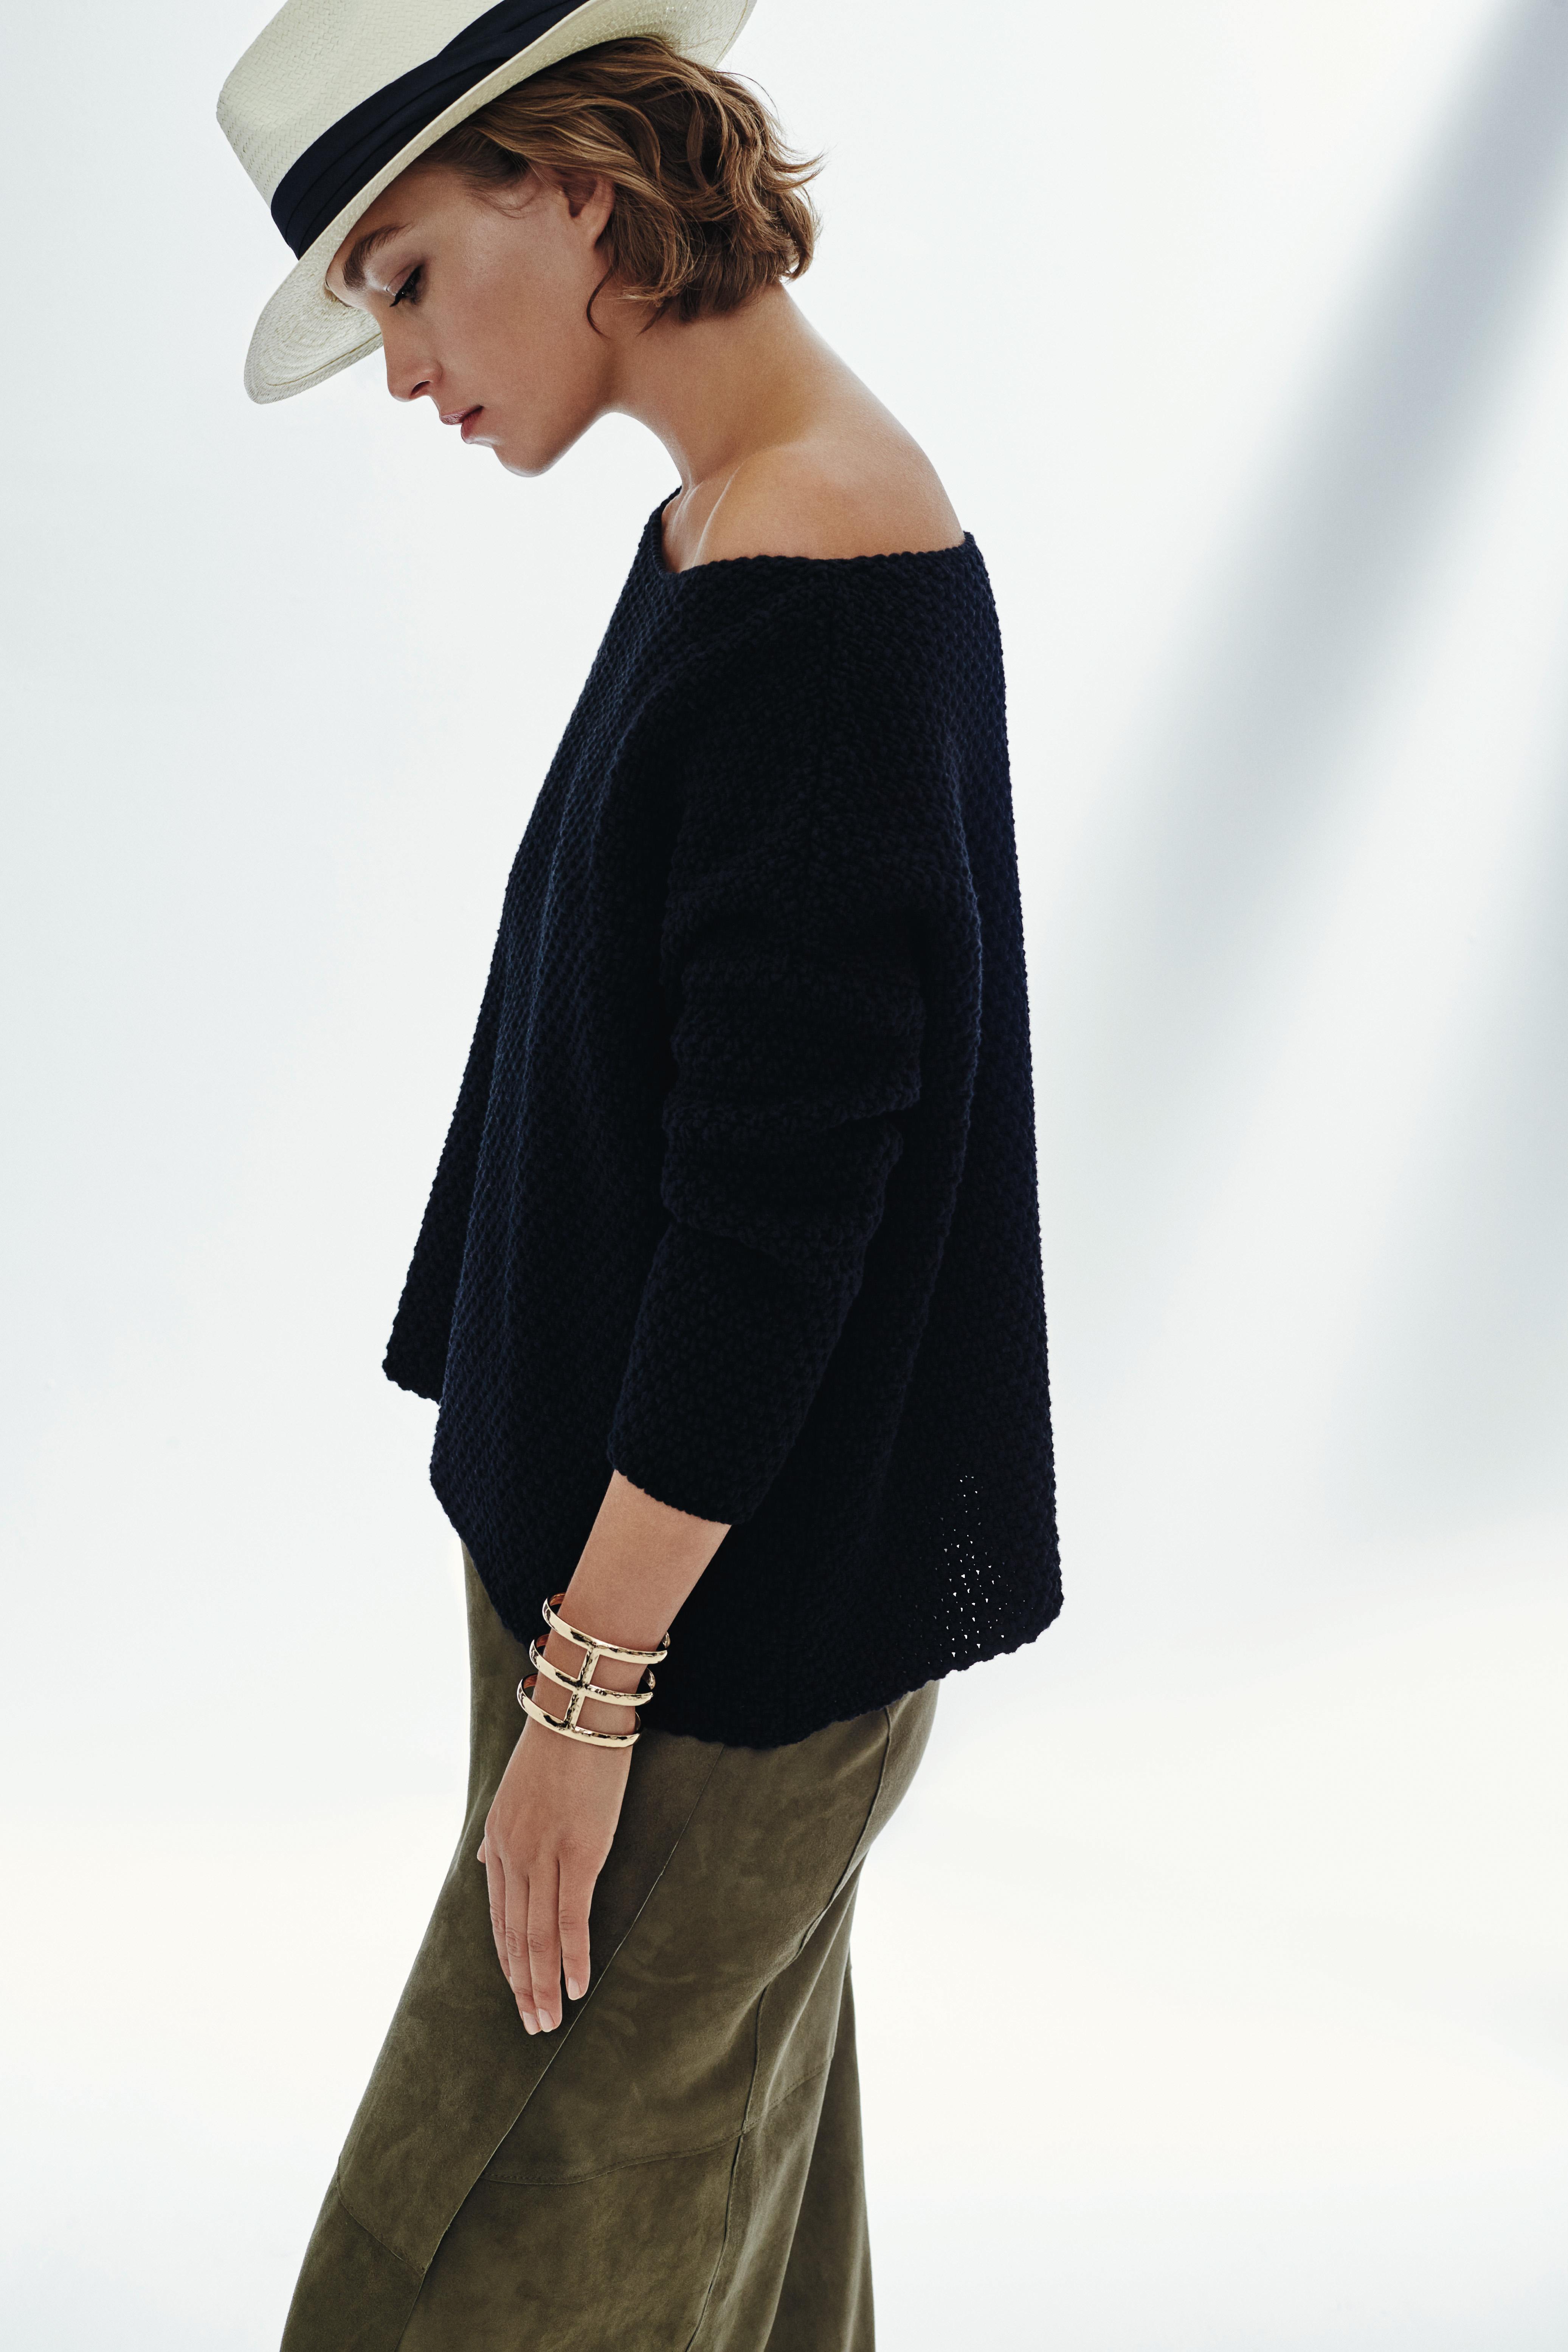 hobbs_suede skirt off shoulder top